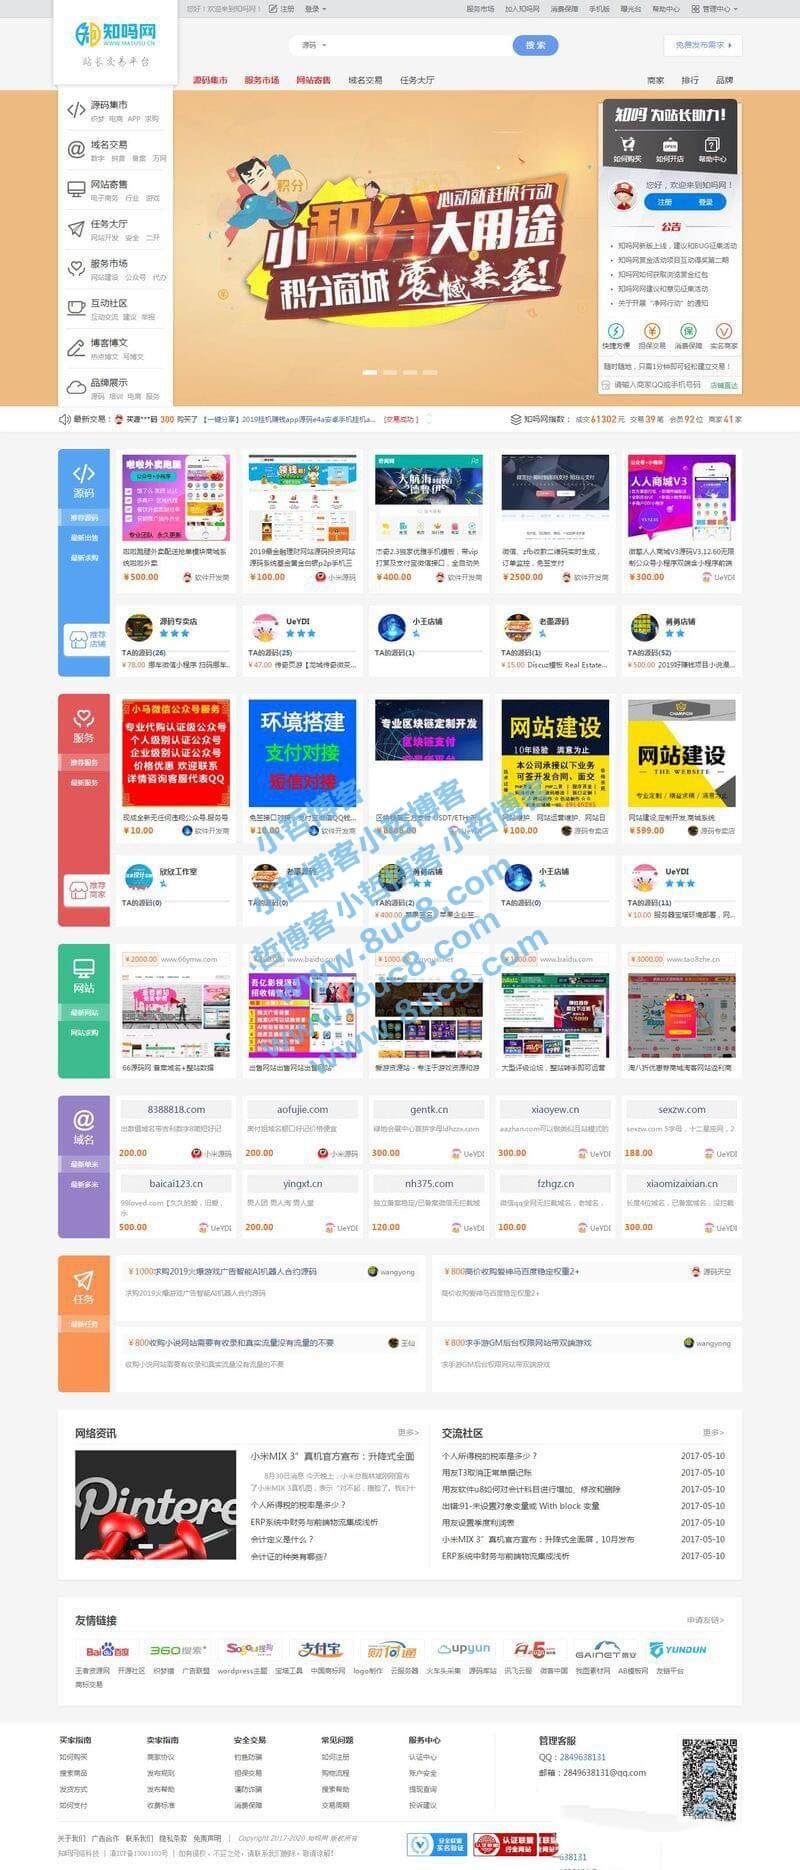 上传即用 知吗网整站打包2020年友价仿互站虚拟交易商城源码 (https://www.8uc8.com/) 源码下载 第1张